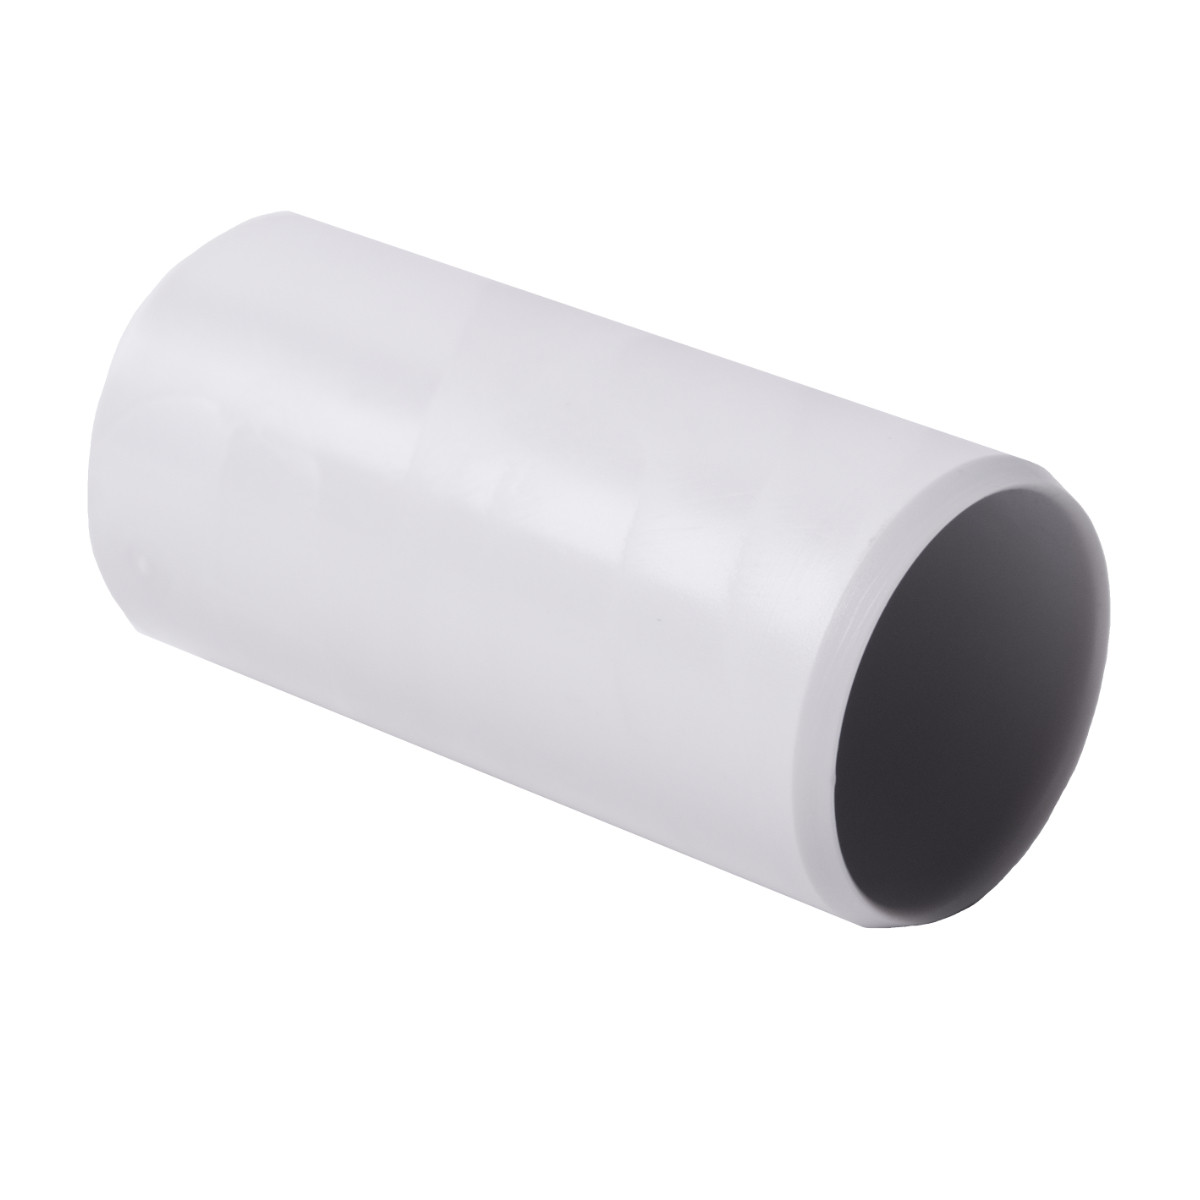 Муфта з'єднувальна для труби 50 мм; Ø50мм; ПВХ;; t застосування -25+60 °с; світло-сіра; Упаковка 10 шт